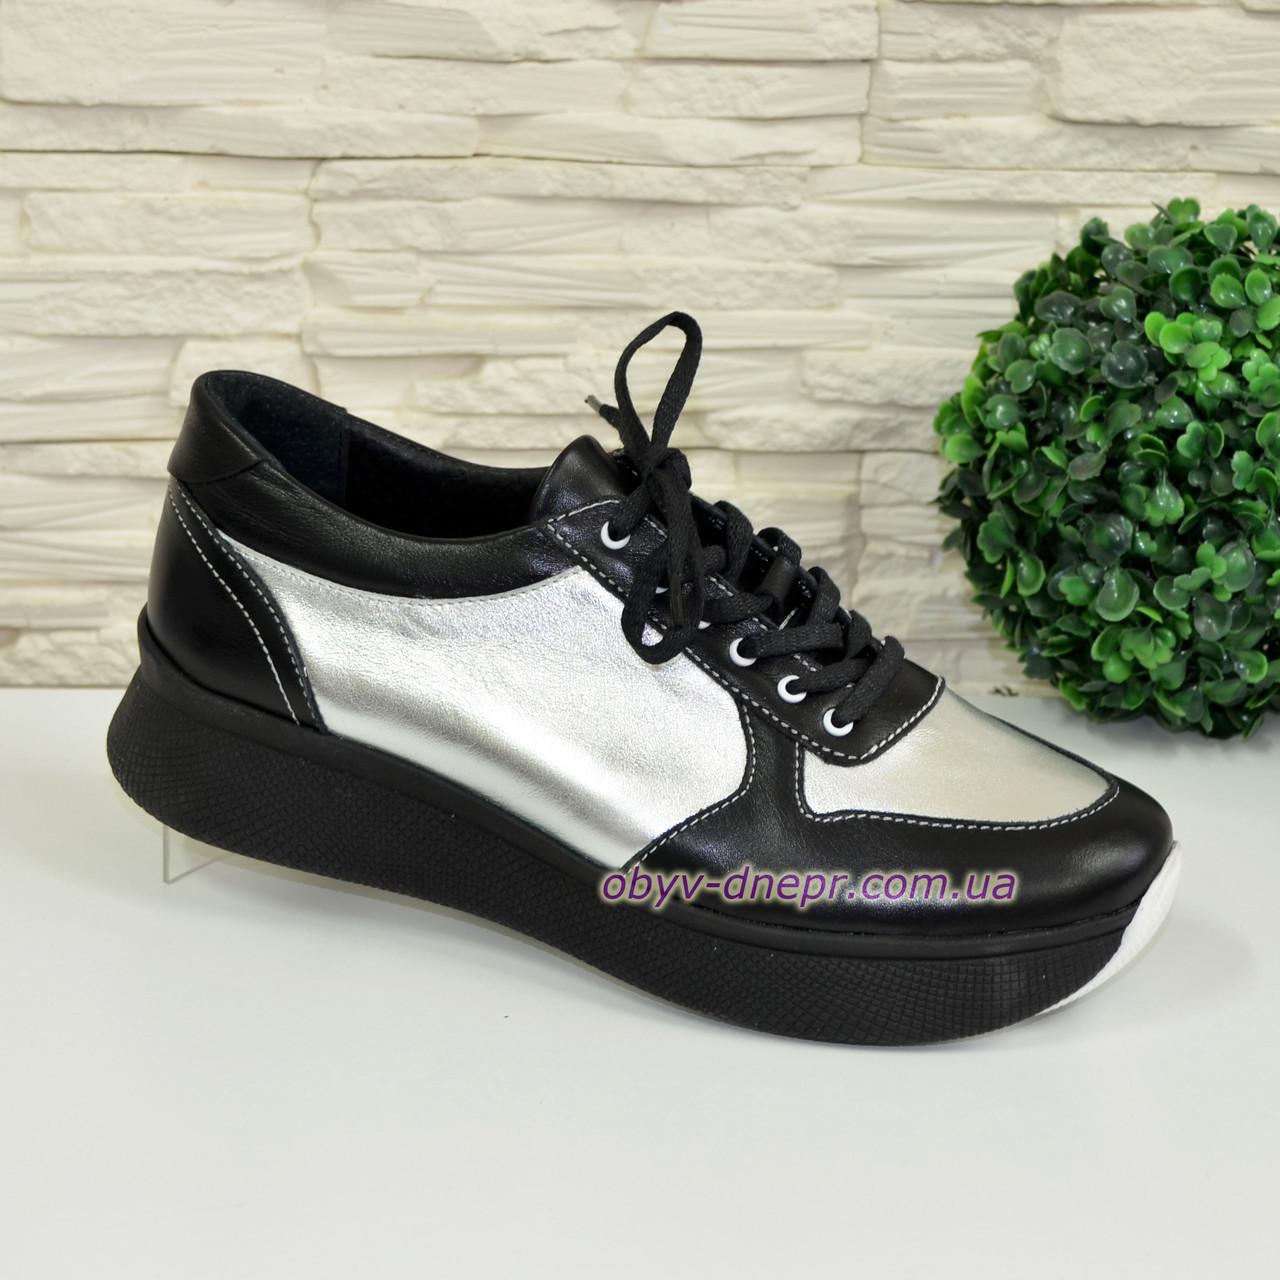 Стильные женские кроссовки на шнуровке, цвет черный/серебро, фото 1